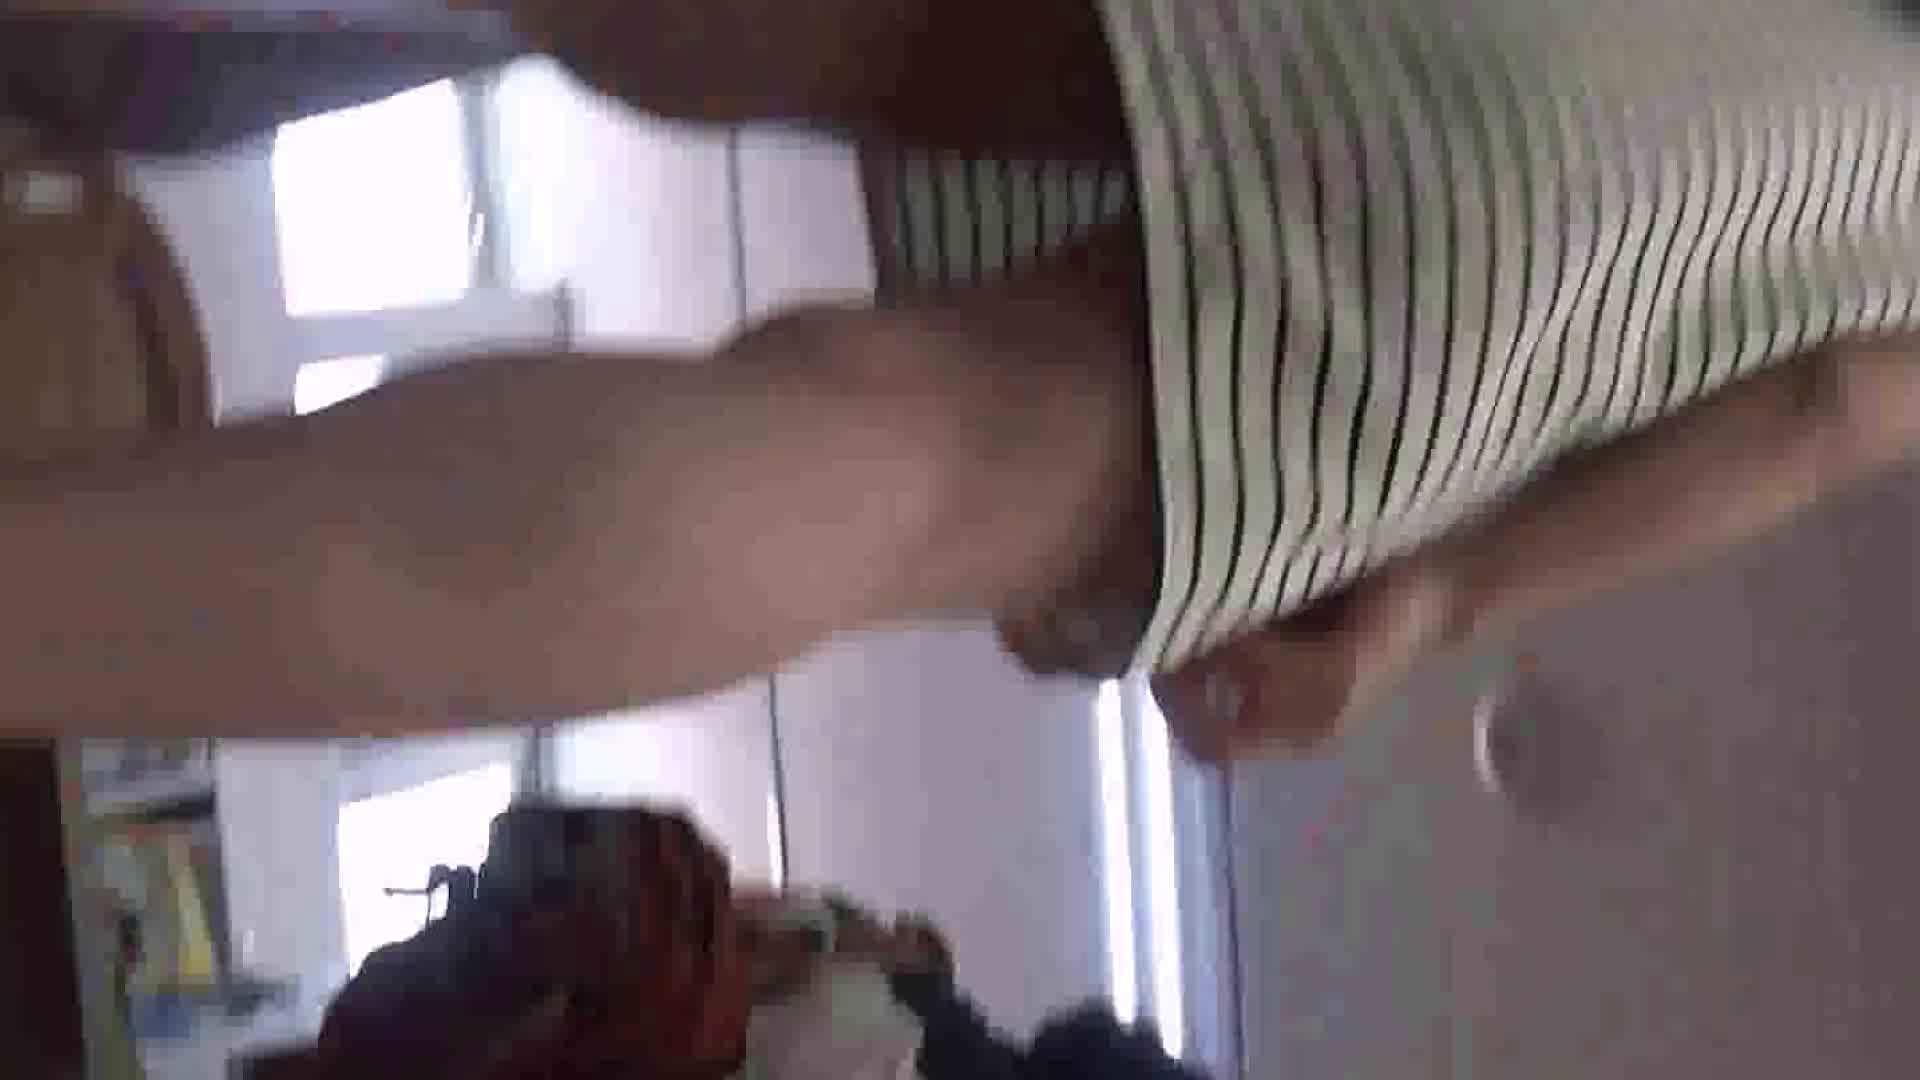 真剣に買い物中のgal達を上から下から狙います。vol.01 OLヌード天国  77PIX 40